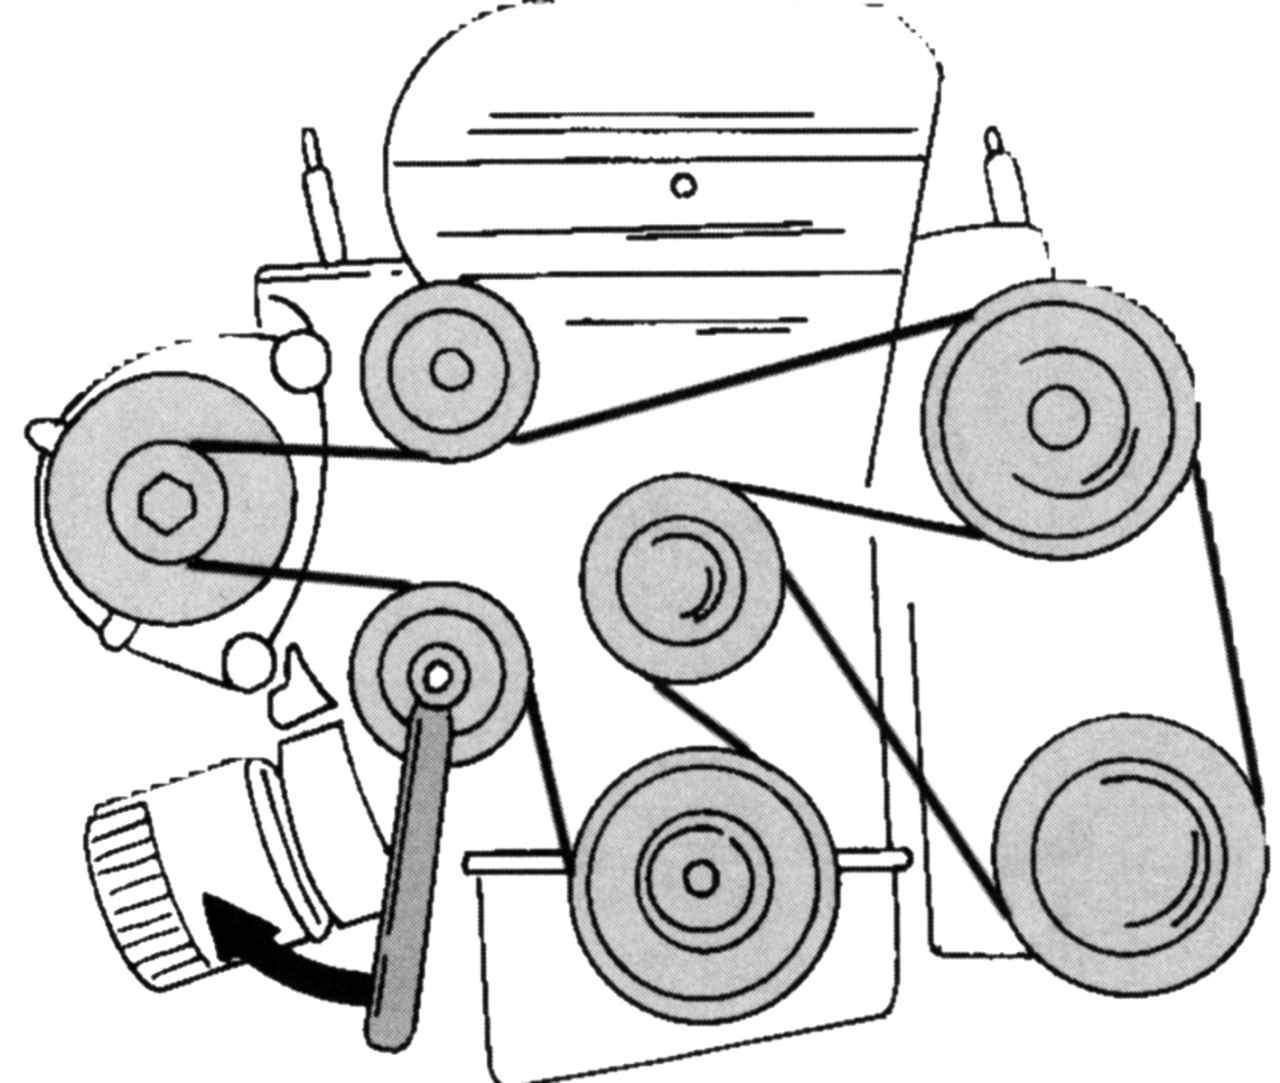 Установка ремня на двигатель форд транзит 2006 г фото 3 фотография